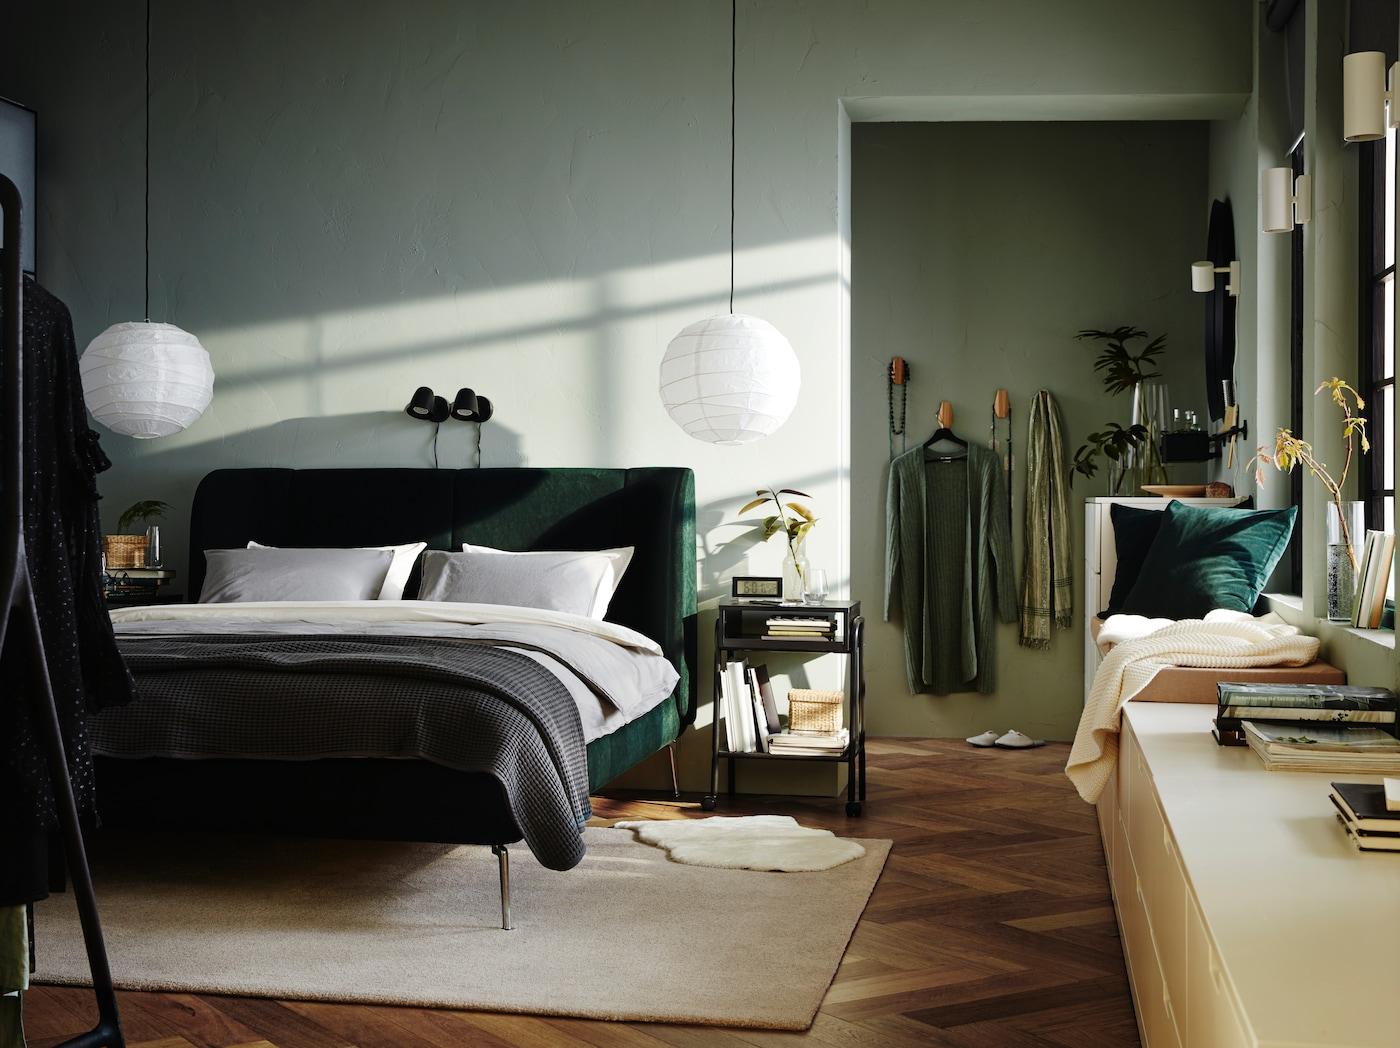 TUFJORD klädd sängstomme i grön sammet i ett ljusgrönt sovrum med hotell-känsla och inredning i vitt och beige.